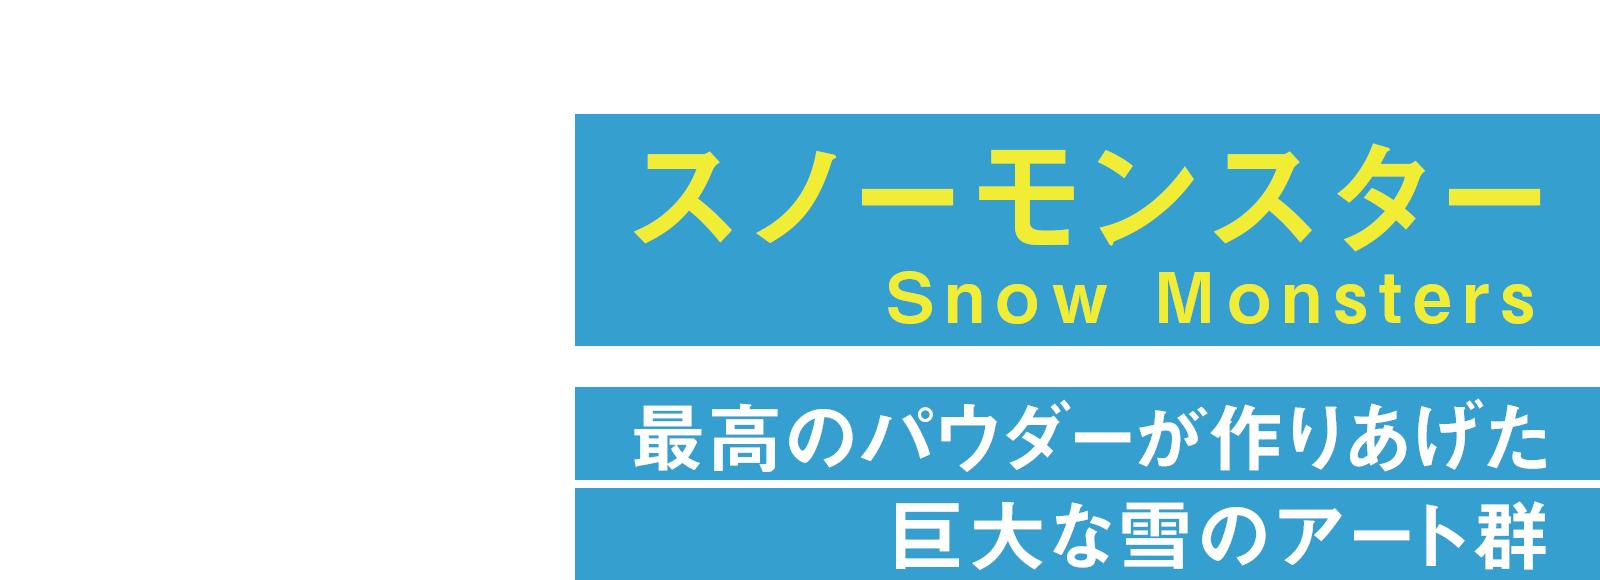 スノーモンスター Snow Monsters 最高のパウダーが作りあげた巨大な雪のアート群